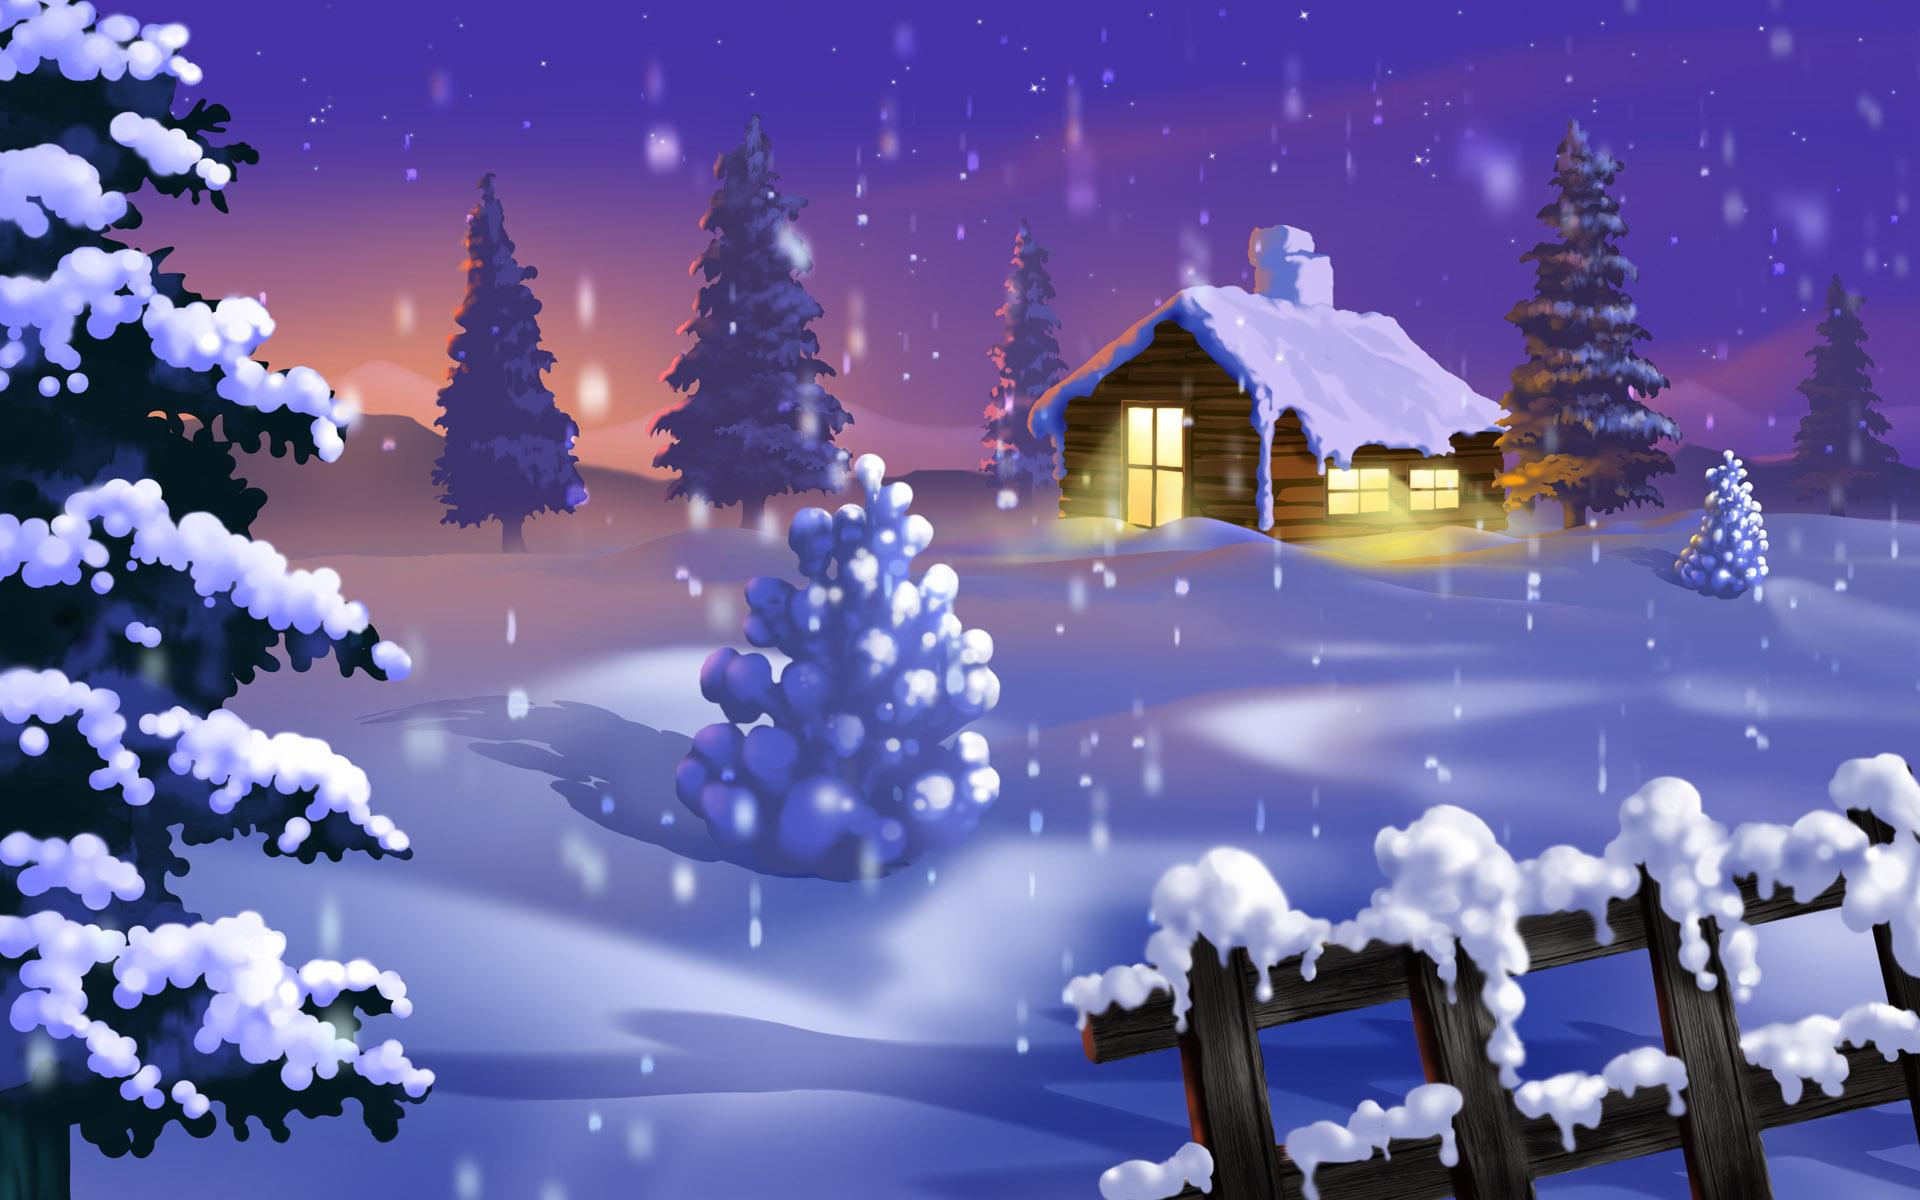 Красивые обои для рабочего стола, зима, снег, сугробы, скачать